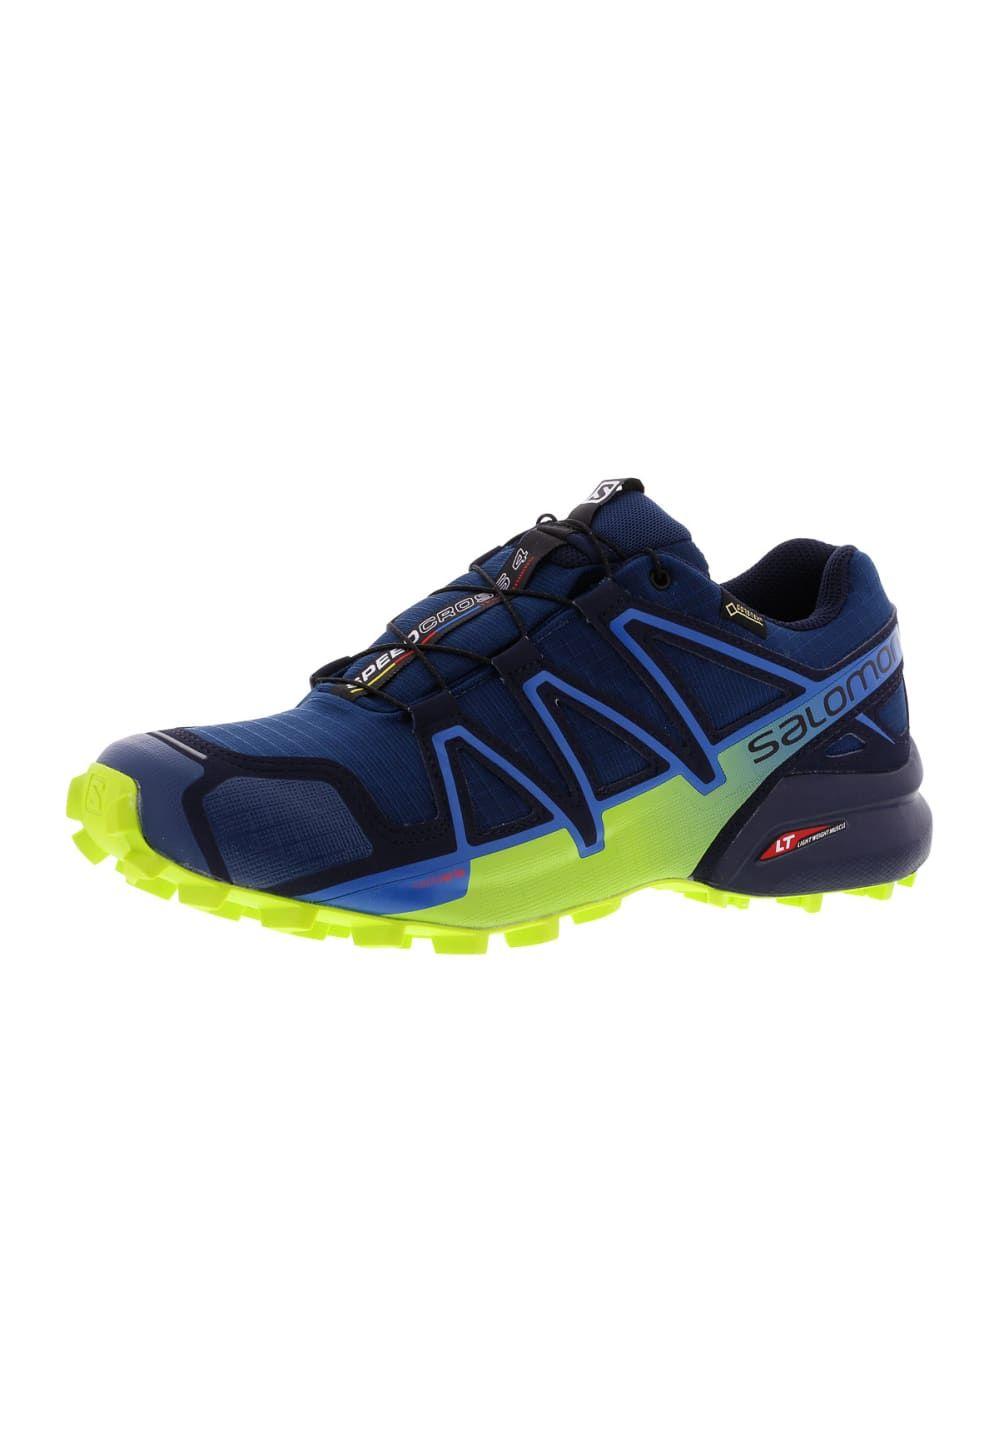 official photos af366 15261 Salomon Speedcross 4 GTX - Chaussures running pour Homme - Noir